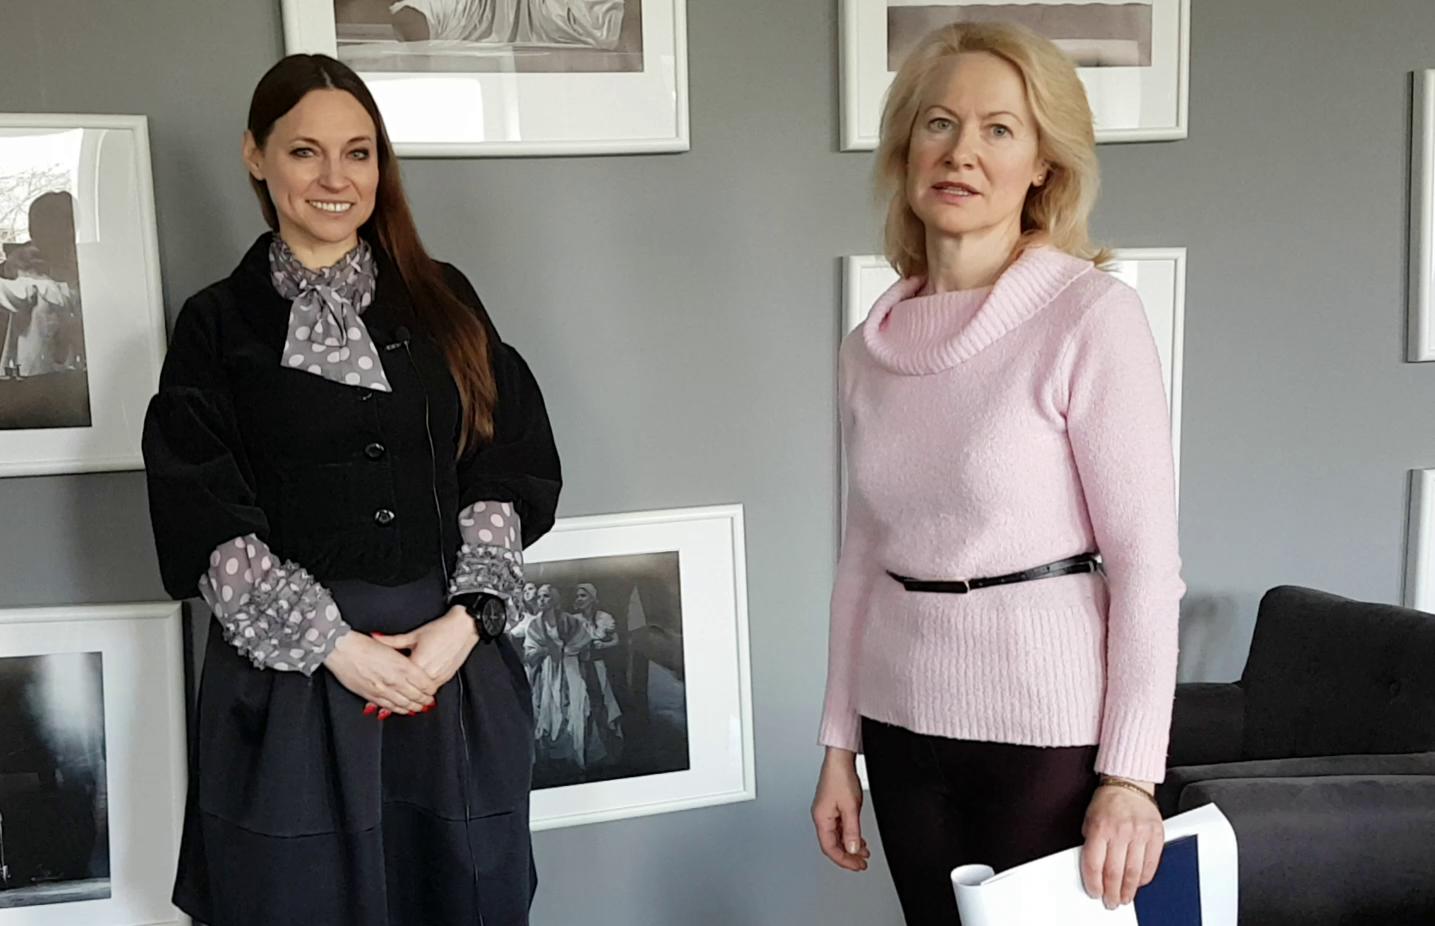 Šauniausios Dzūkijos moters rinkimai: pokalbis su Inesa Pilvelyte